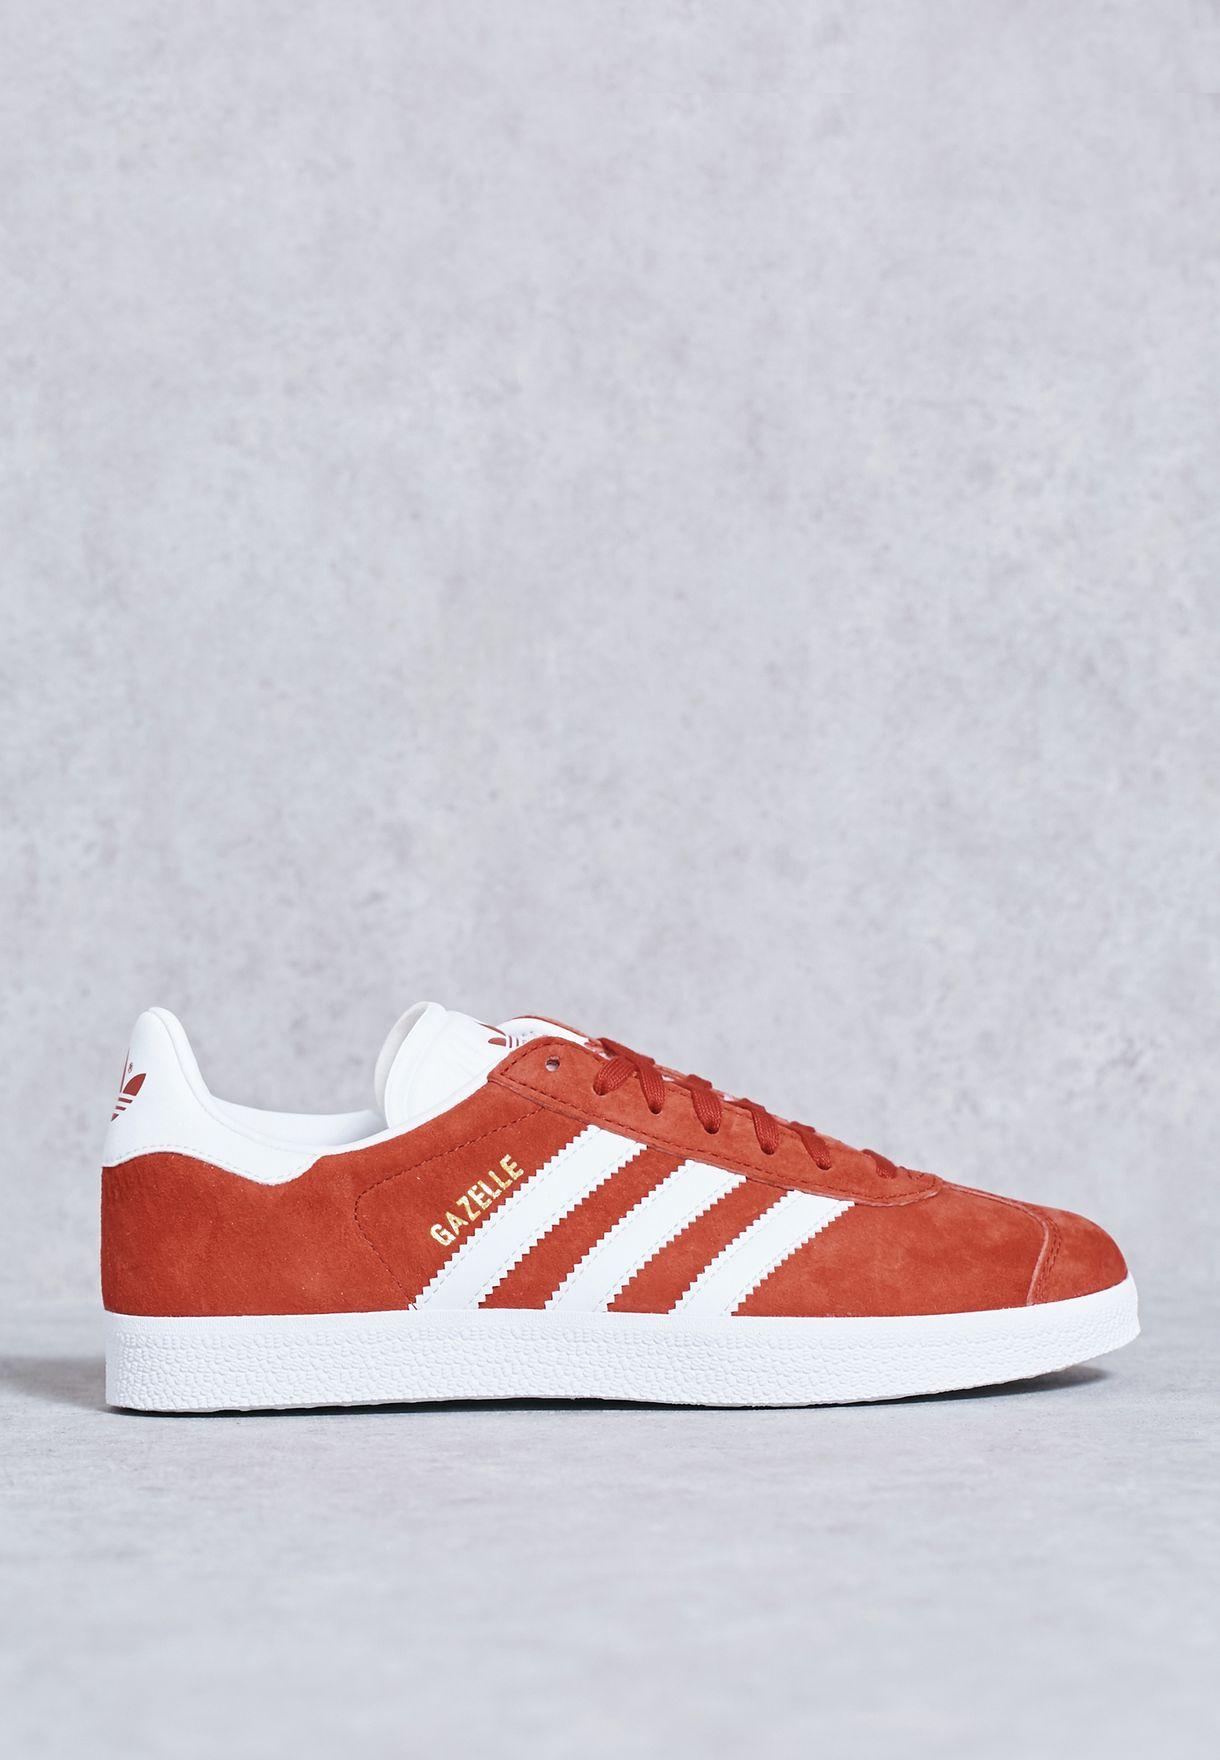 best website 65714 b8a13 Shop adidas Originals red Gazelle for Women in Kuwait - AD47